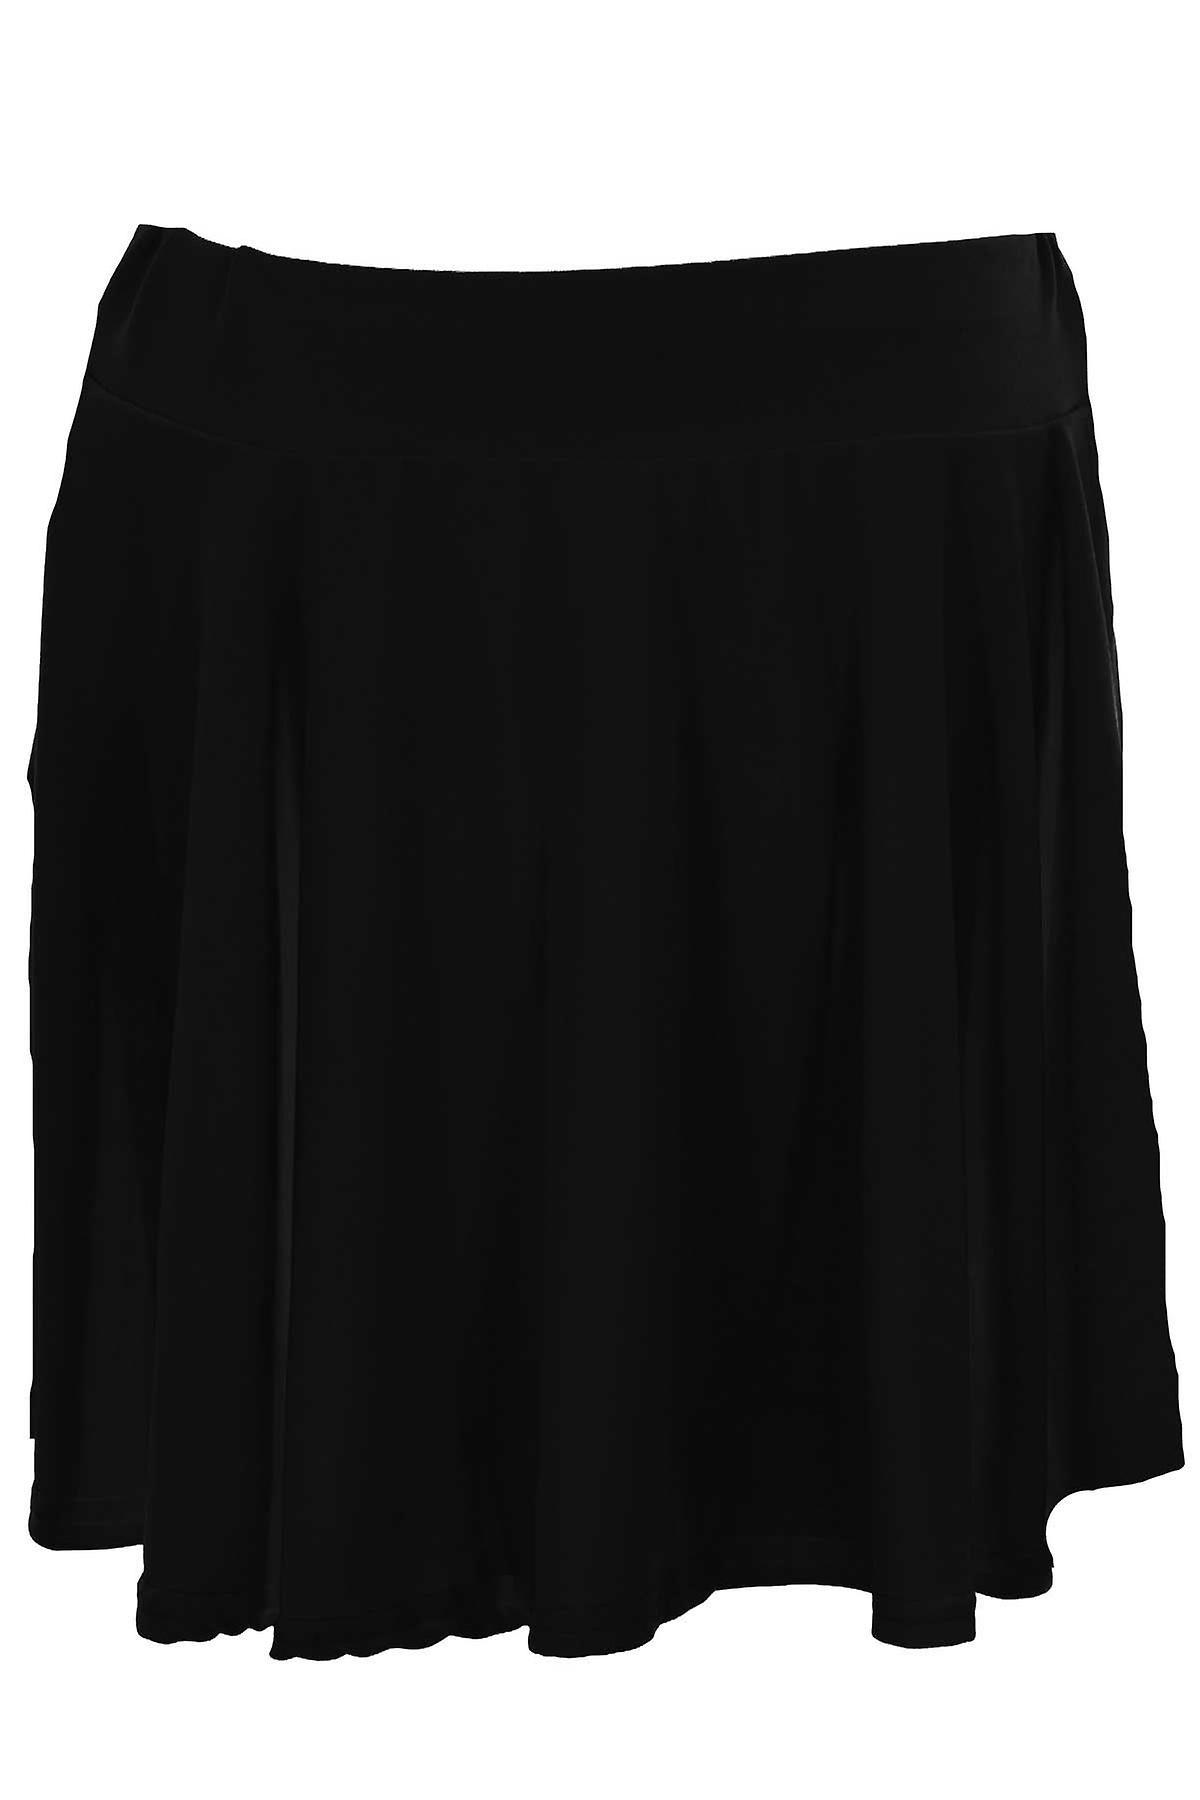 Children's Neon Luminous Plain Skater Flare Girls Party Casual Short Mini Skirt